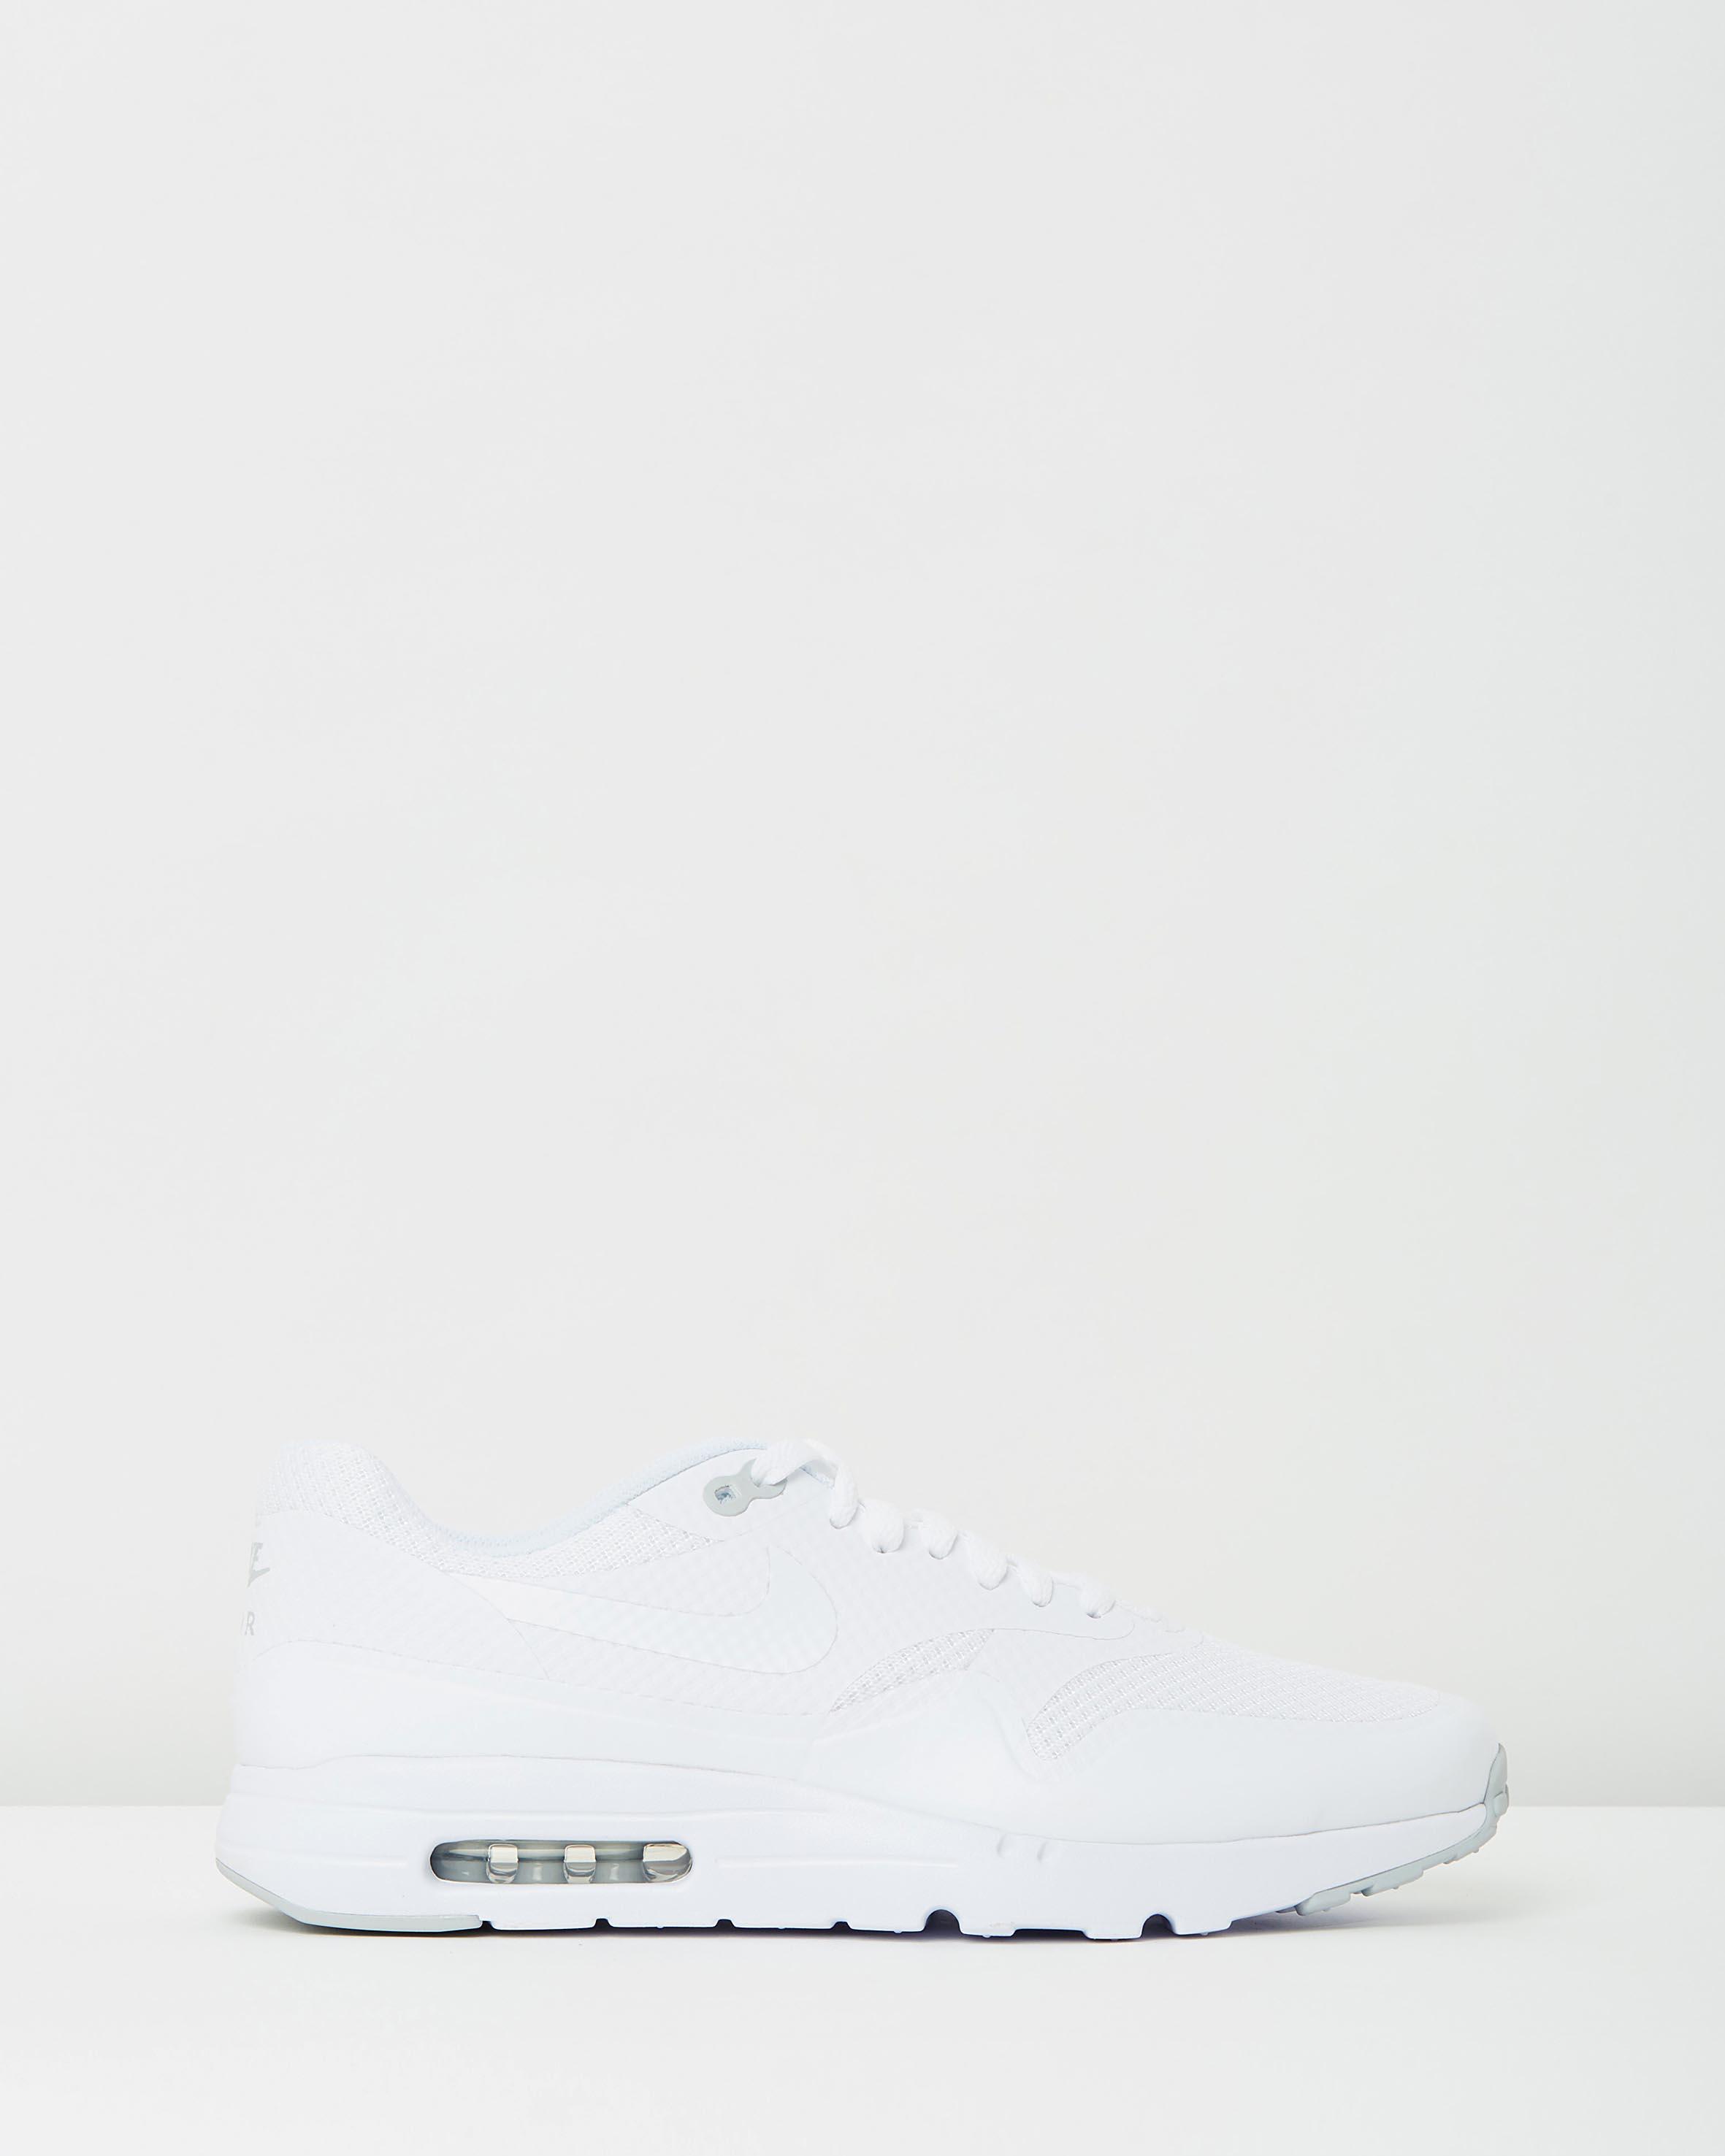 Nike AIR MAX 1 ULTRA ESSENTIAL White sooco.nl  sooco.nl